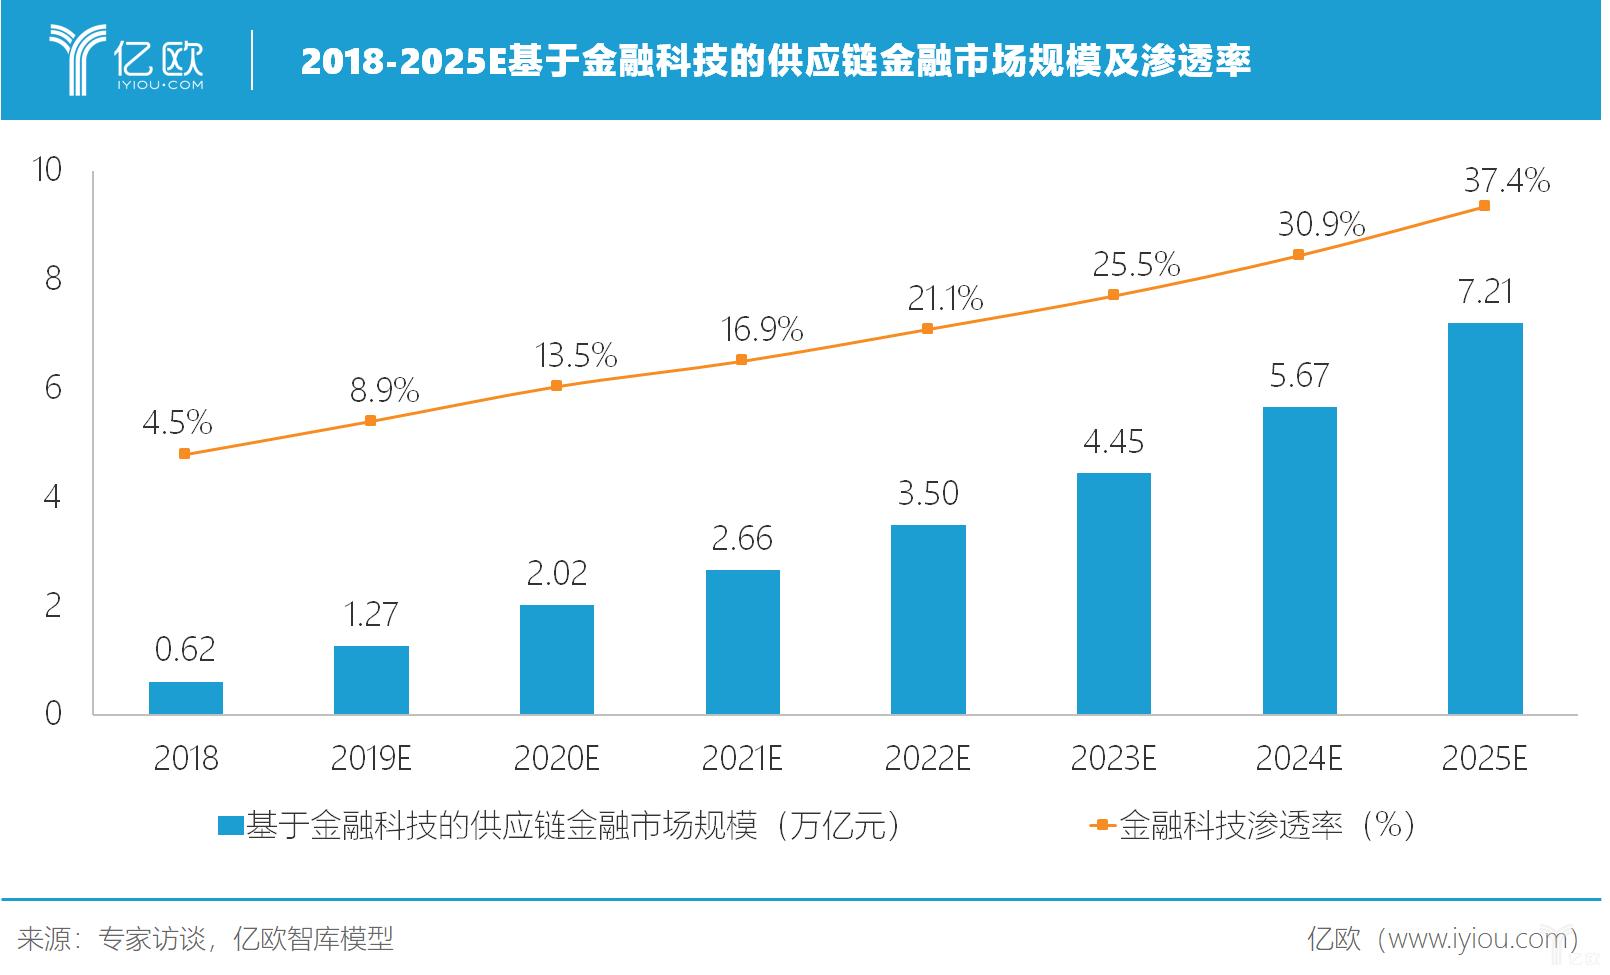 2018-2025E基于金融科技的供应链金融市场规模及渗透率